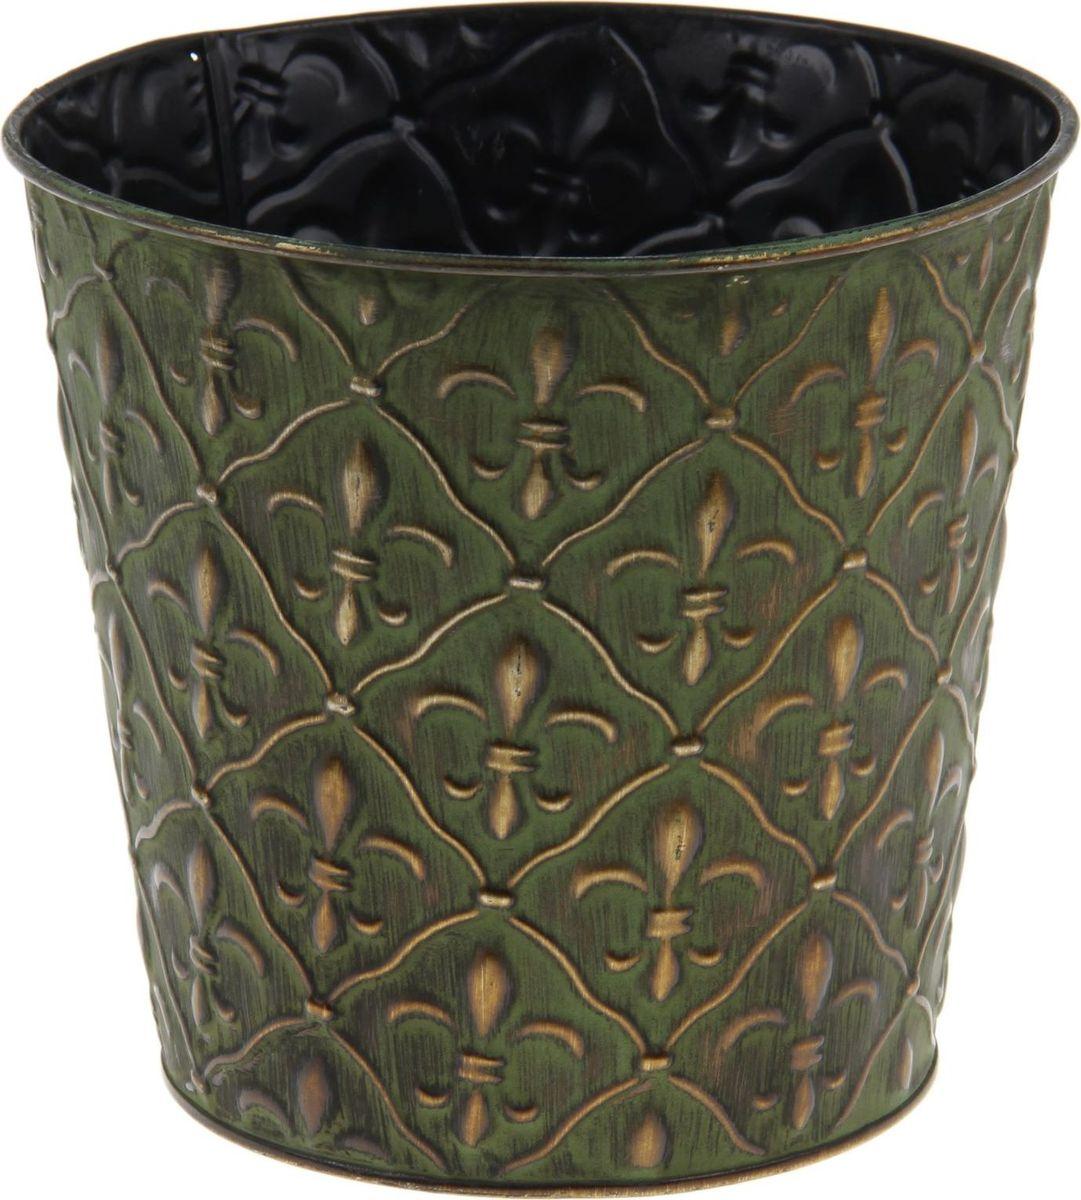 Кашпо Стиль. Ромбы, цвет: зеленый, 19 х 19 х 17 см1199492Комнатные растения — всеобщие любимцы. Они радуют глаз, насыщают помещение кислородом и украшают пространство. Каждому из растений необходим свой удобный и красивый дом. Металлические декоративные вазы для горшков практичны и долговечны. #name# позаботится о зелёном питомце, освежит интерьер и подчеркнёт его стиль. Особенно выигрышно они смотрятся в экстерьере: на террасах и в беседках. При желании его всегда можно перекрасить в другой цвет.